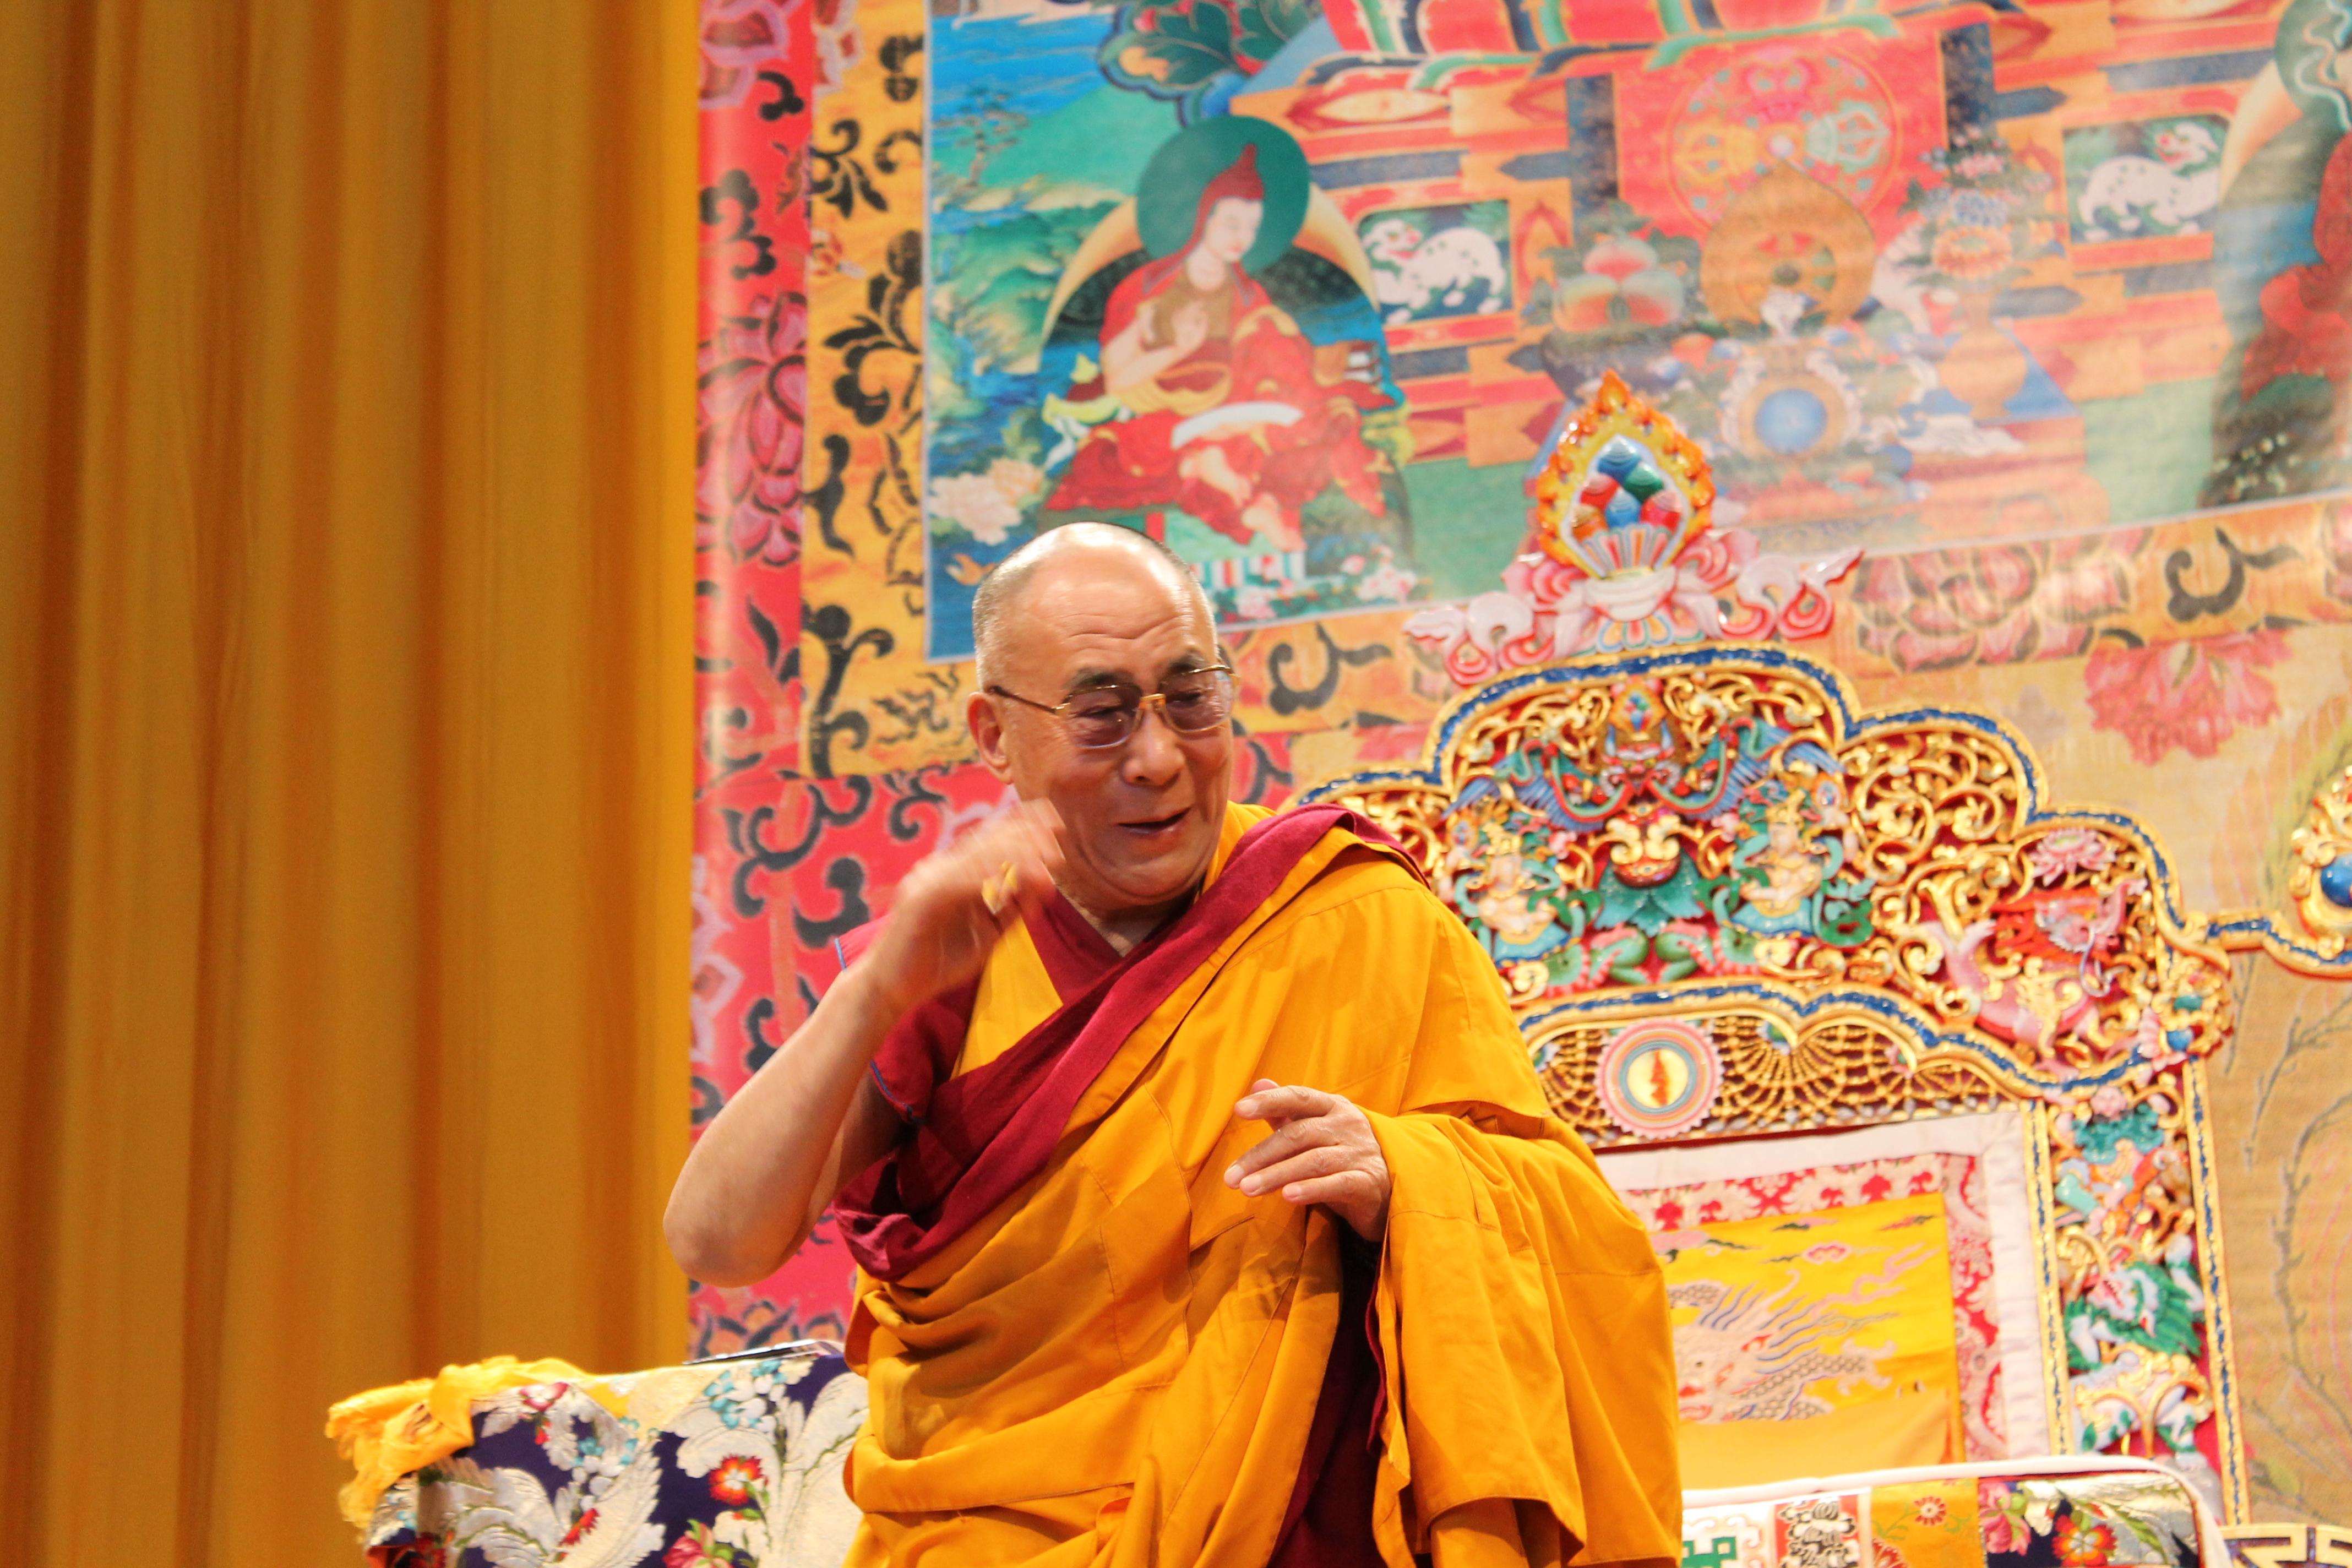 Sua Santità il Dalai Lama: E' importante essere entusiasti e contenti, portando la nostra gioia nelle abitudini di tutti i giorni, il che ci darà successo ed a livello mentale ci aumenterà la calma, la sicurezza interiore e anche l'autostima. La via interiore, che si sia credenti o no, è la strada da percorrere.